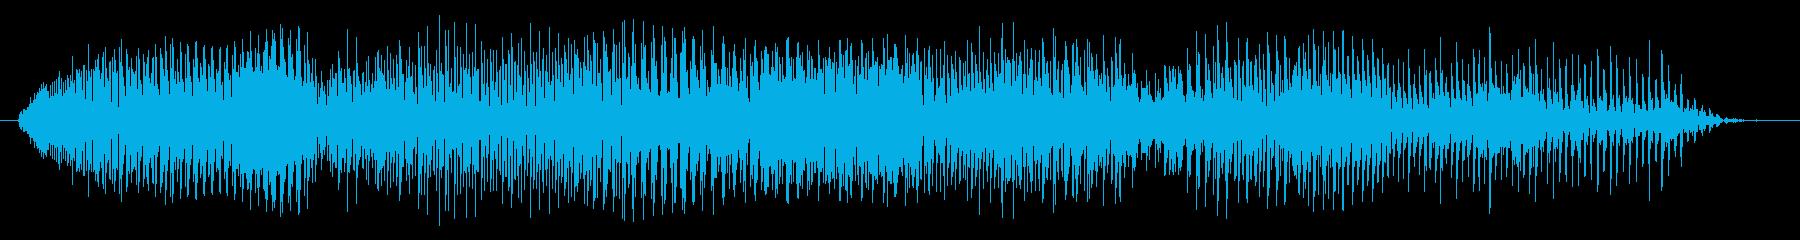 ぬわあぁぁぁ!の再生済みの波形